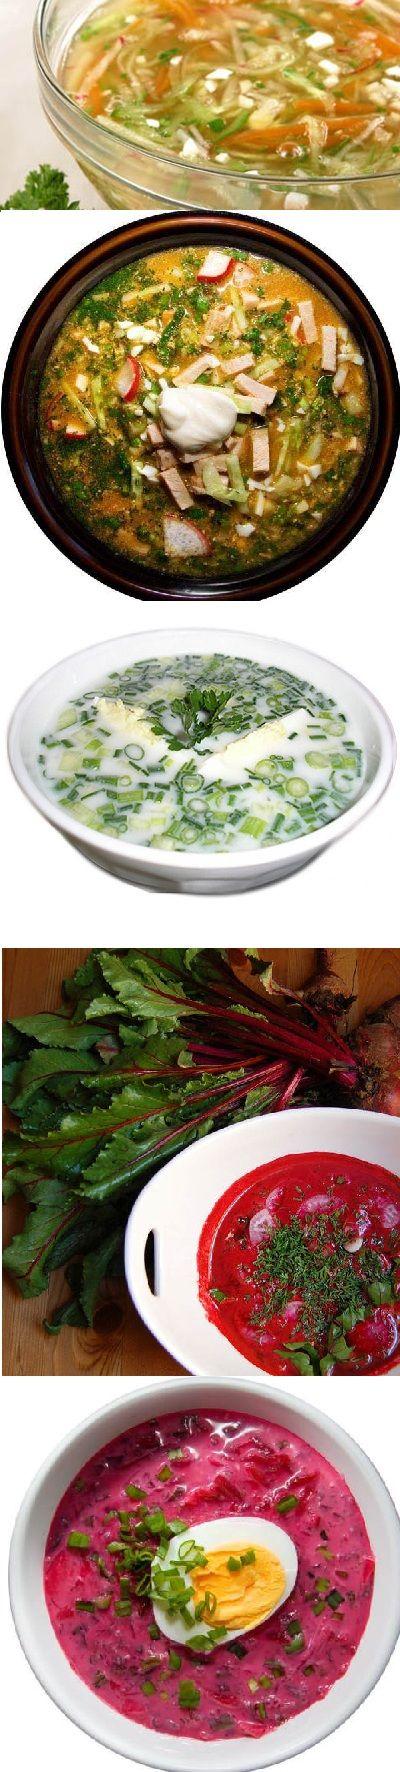 Холодные супы: три окрошки и два свекольника | В жаркую летнюю погоду актуальны легкие блюда-холодные супы. Предлагаем вашему вниманию 5 рецептов холодных супов.